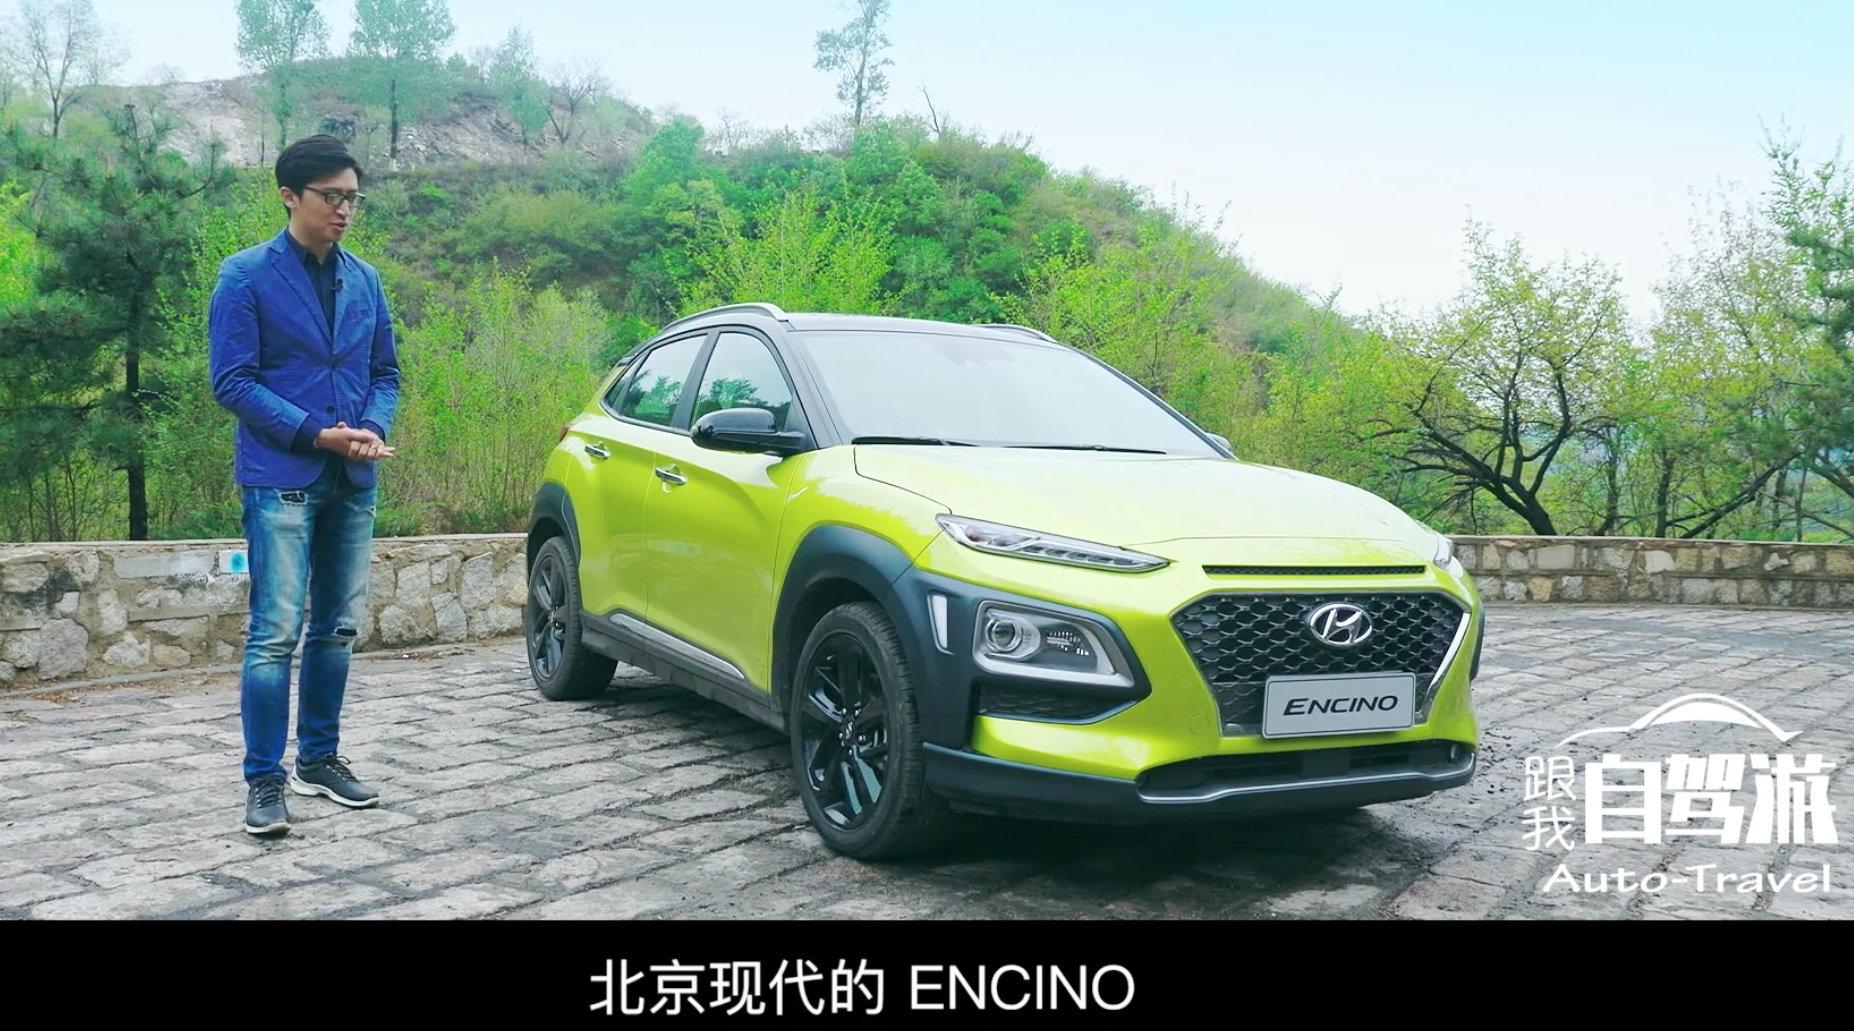 跟我自驾游  直播试车  穆杉伯男 把北京现代ENCINO开到山路之上...